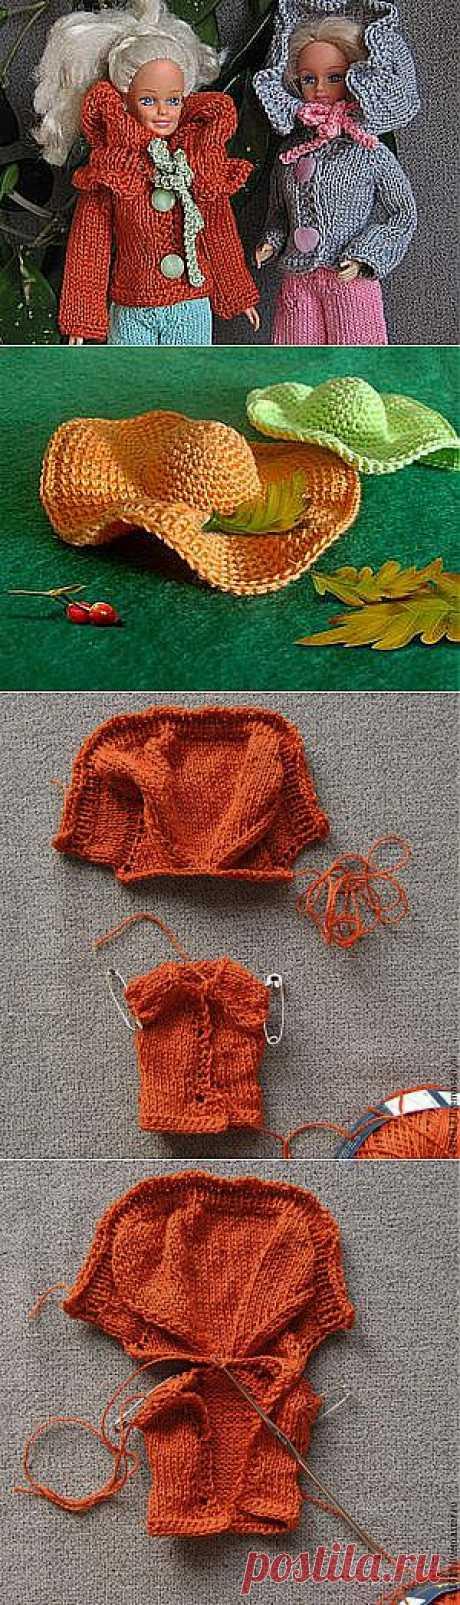 Курточка с воротником-капюшоном для барби, для интерьерных кукол и для тильд - Ярмарка Мастеров - ручная работа, handmade